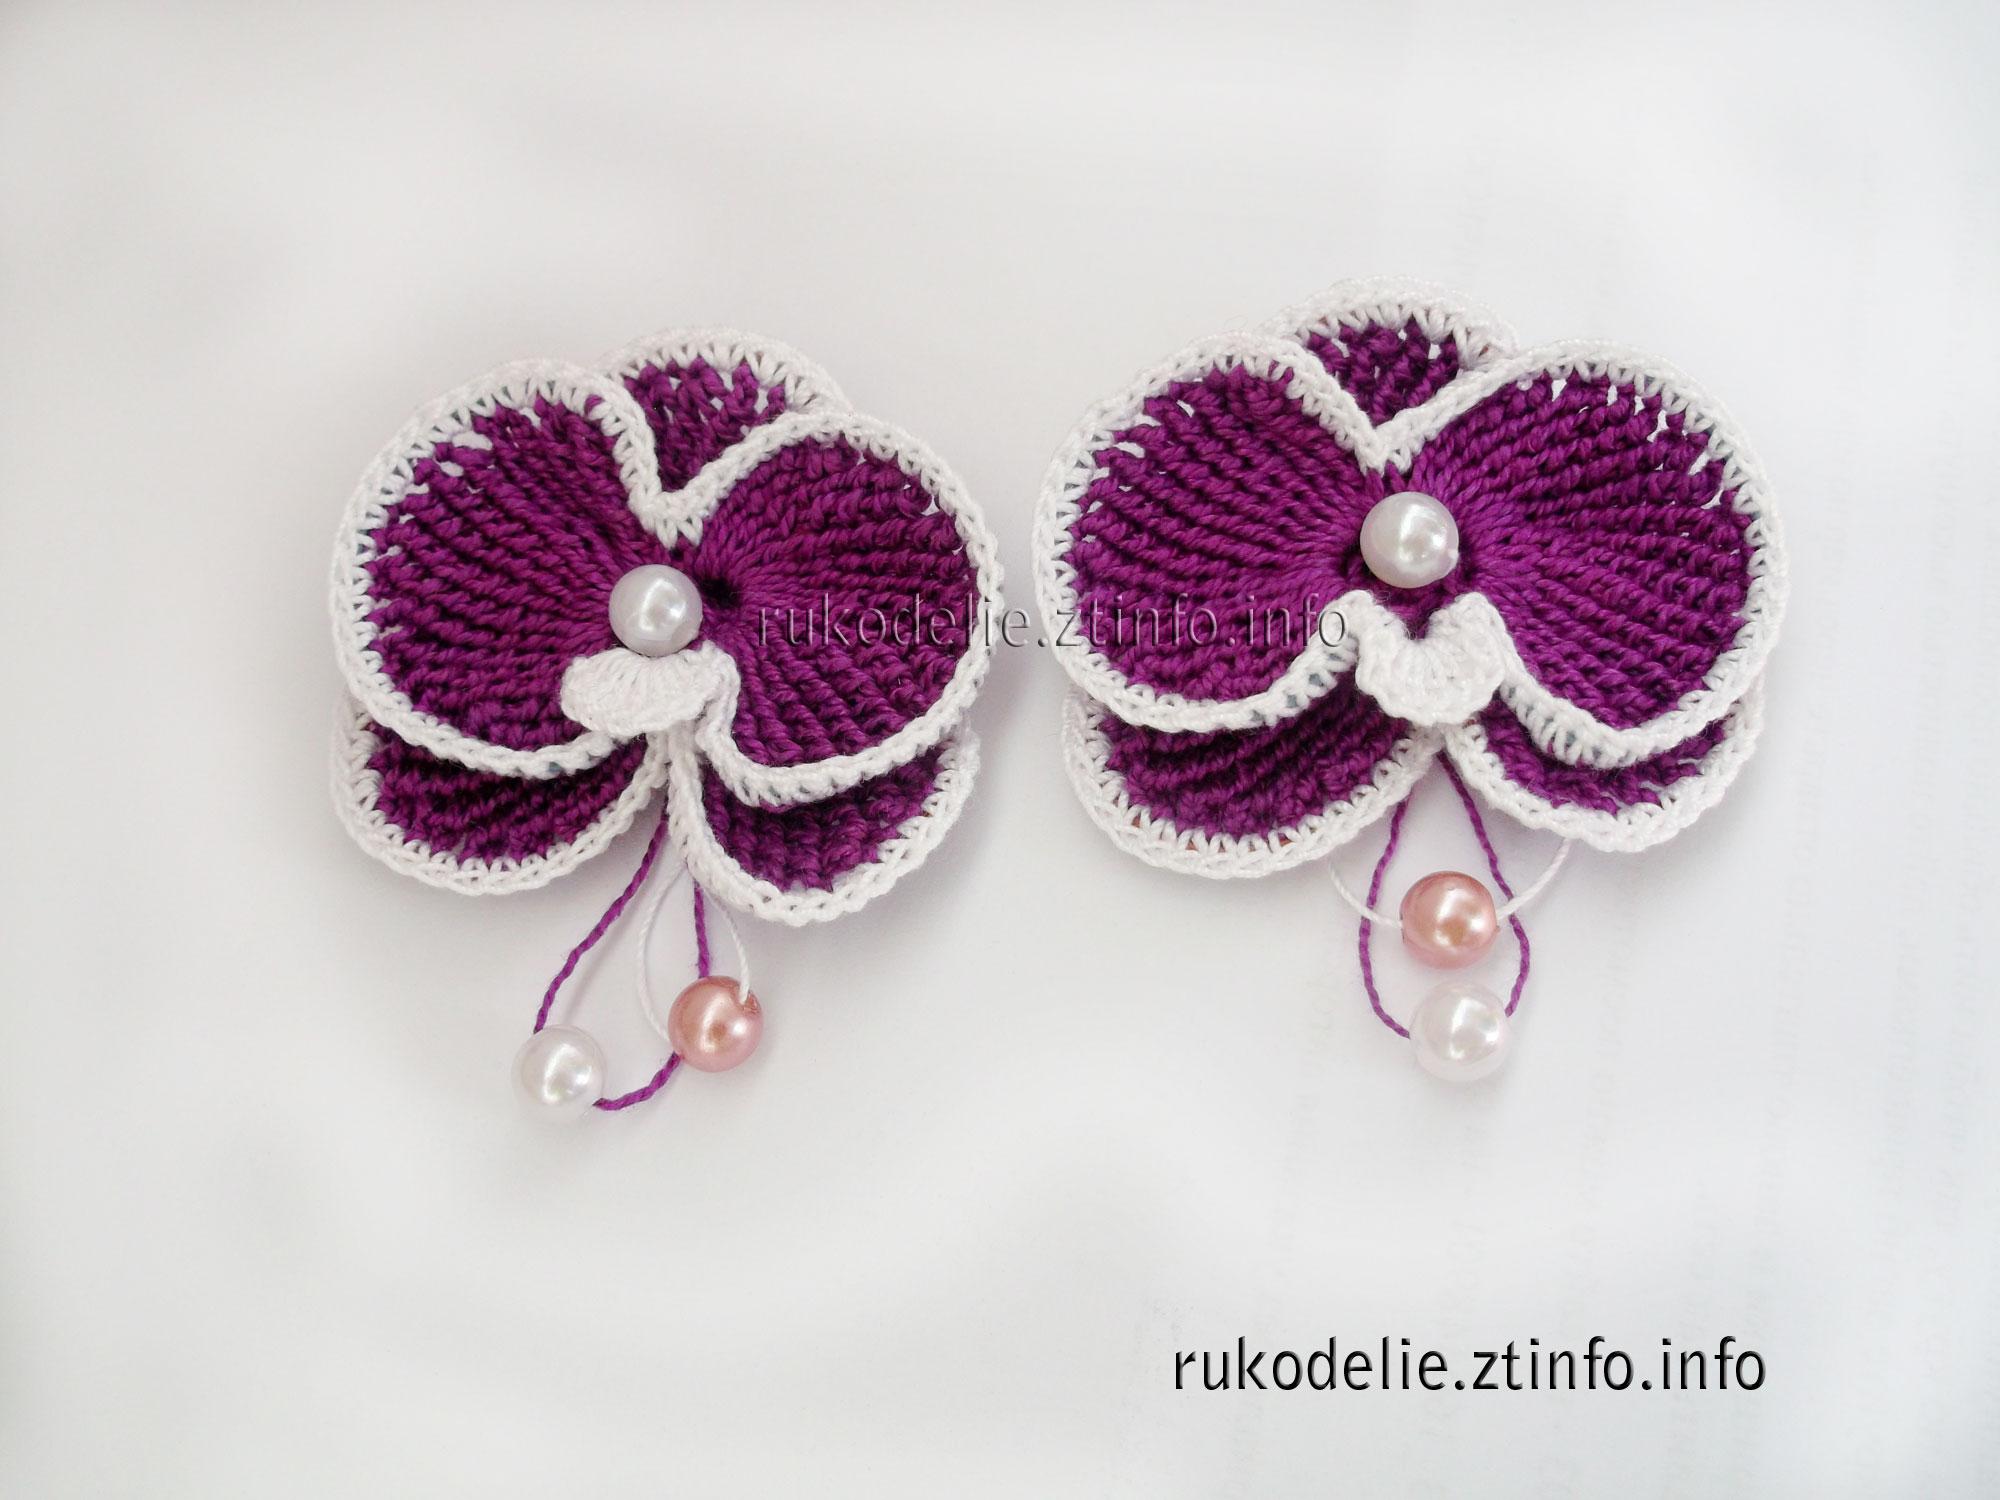 схема вязания крючком цветка лотоса